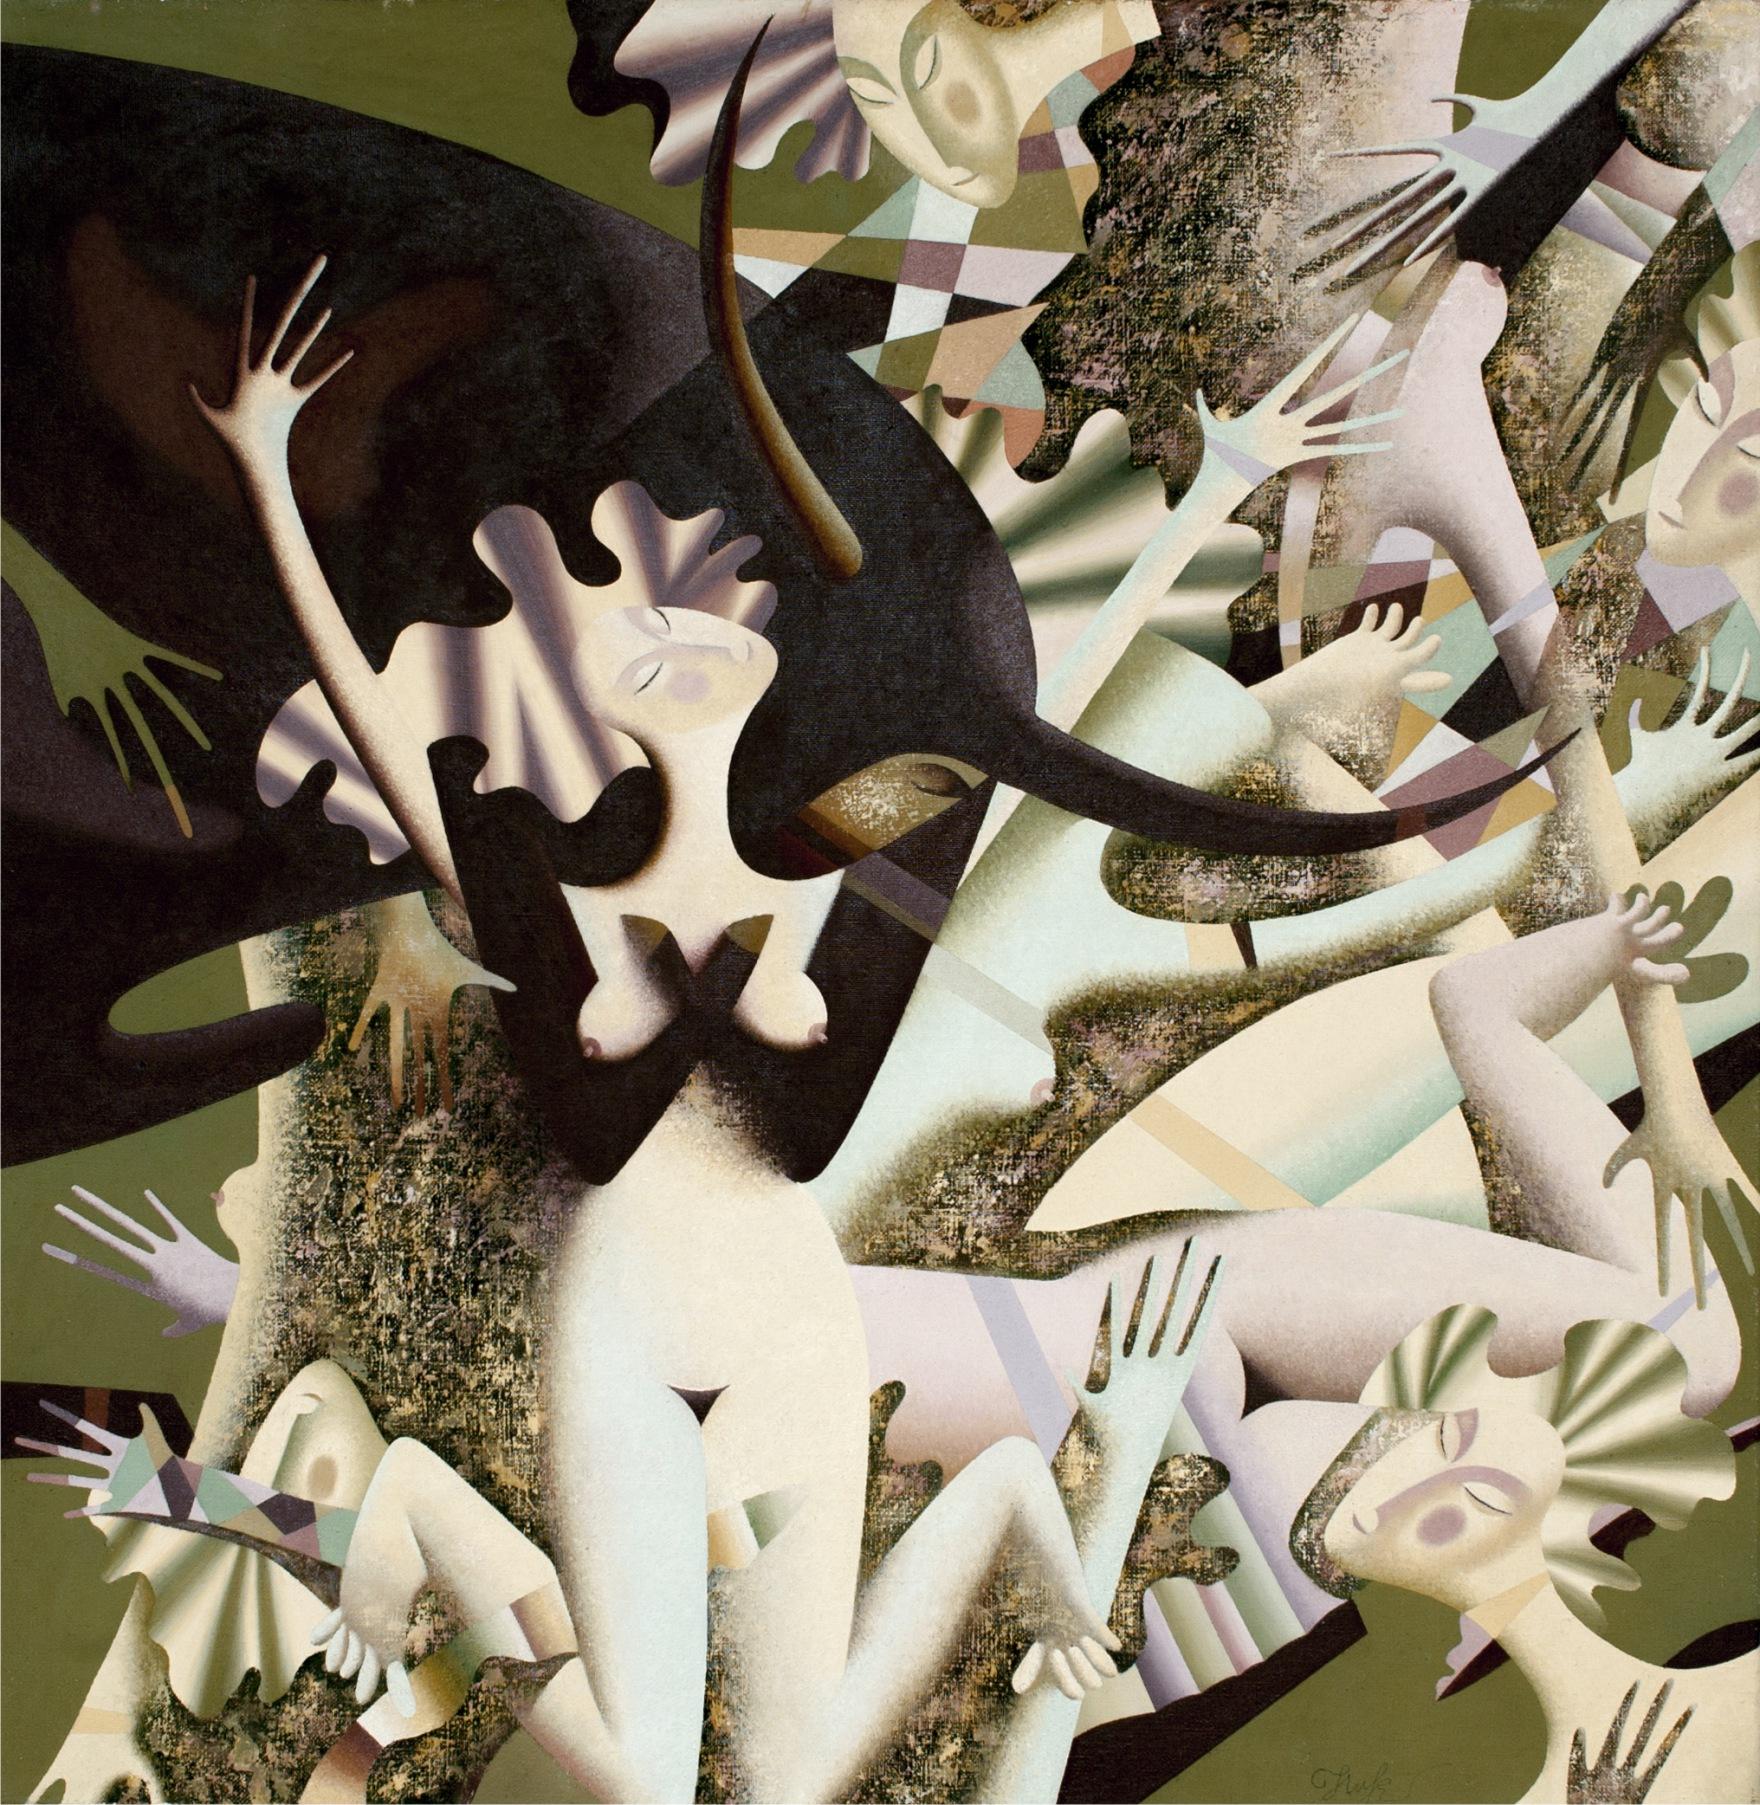 Eduard Nikanorov, Porwanie, olej na płótnie, 120x120 cm